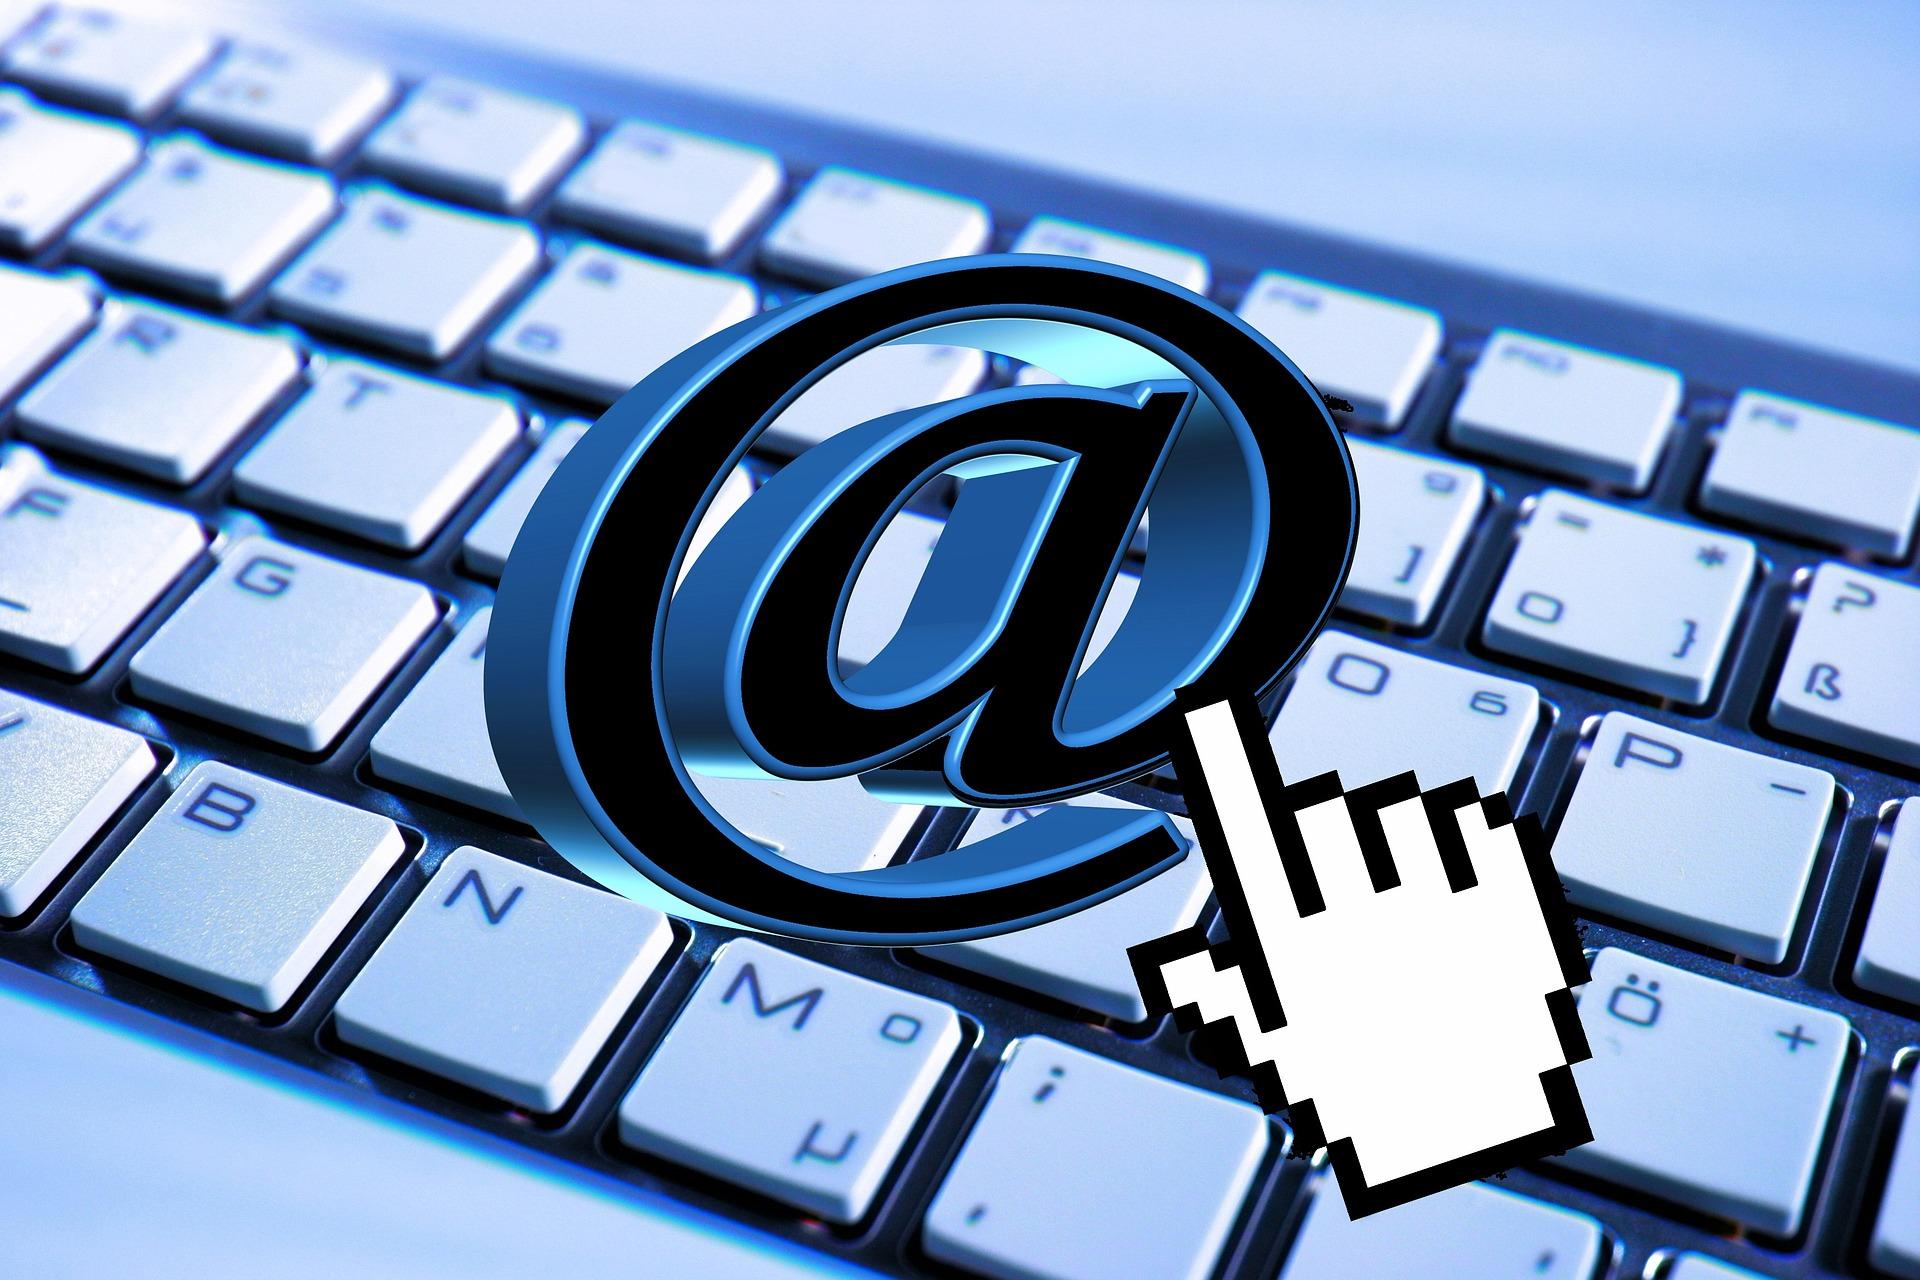 Kako podesiti automatski odgovor na imejlove?